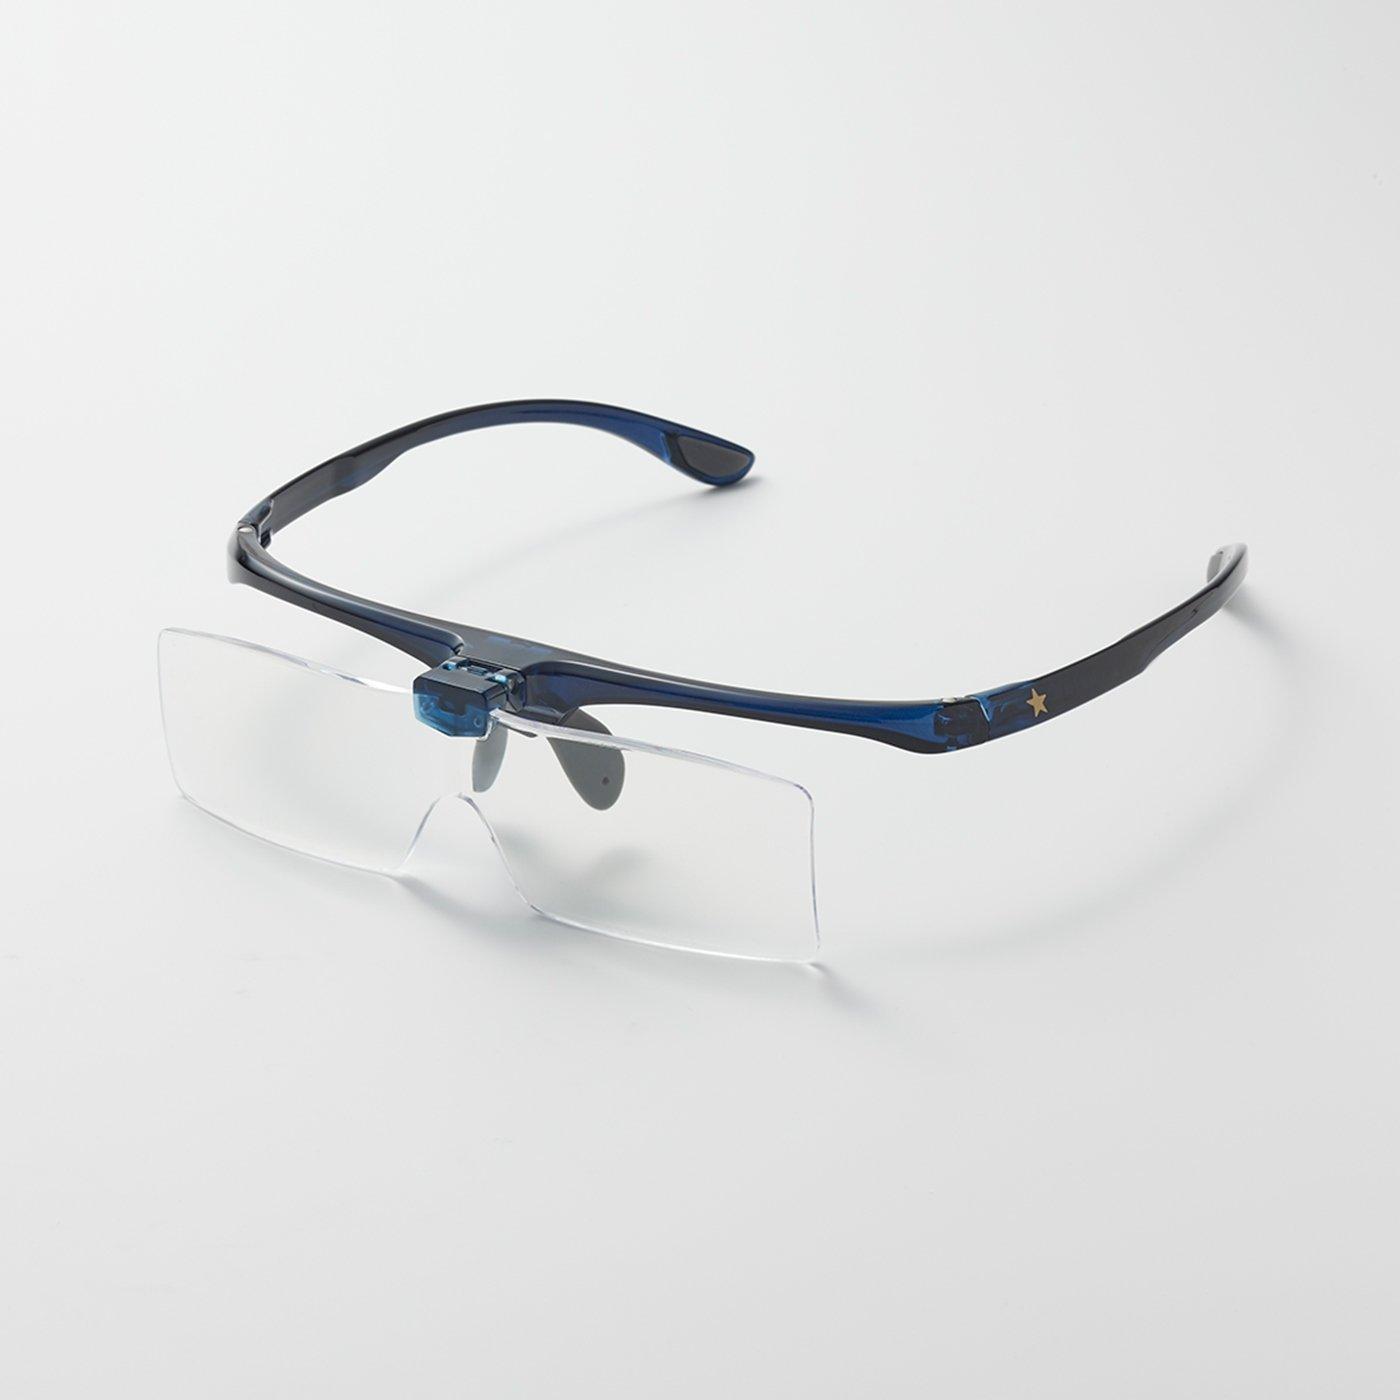 IEDIT[イディット] ワガママ企画 ゴールドスターがポイント! メガネの上からかけられて手もとがよく見えるメガネ型拡大ルーペ〈ロイヤルネイビー〉